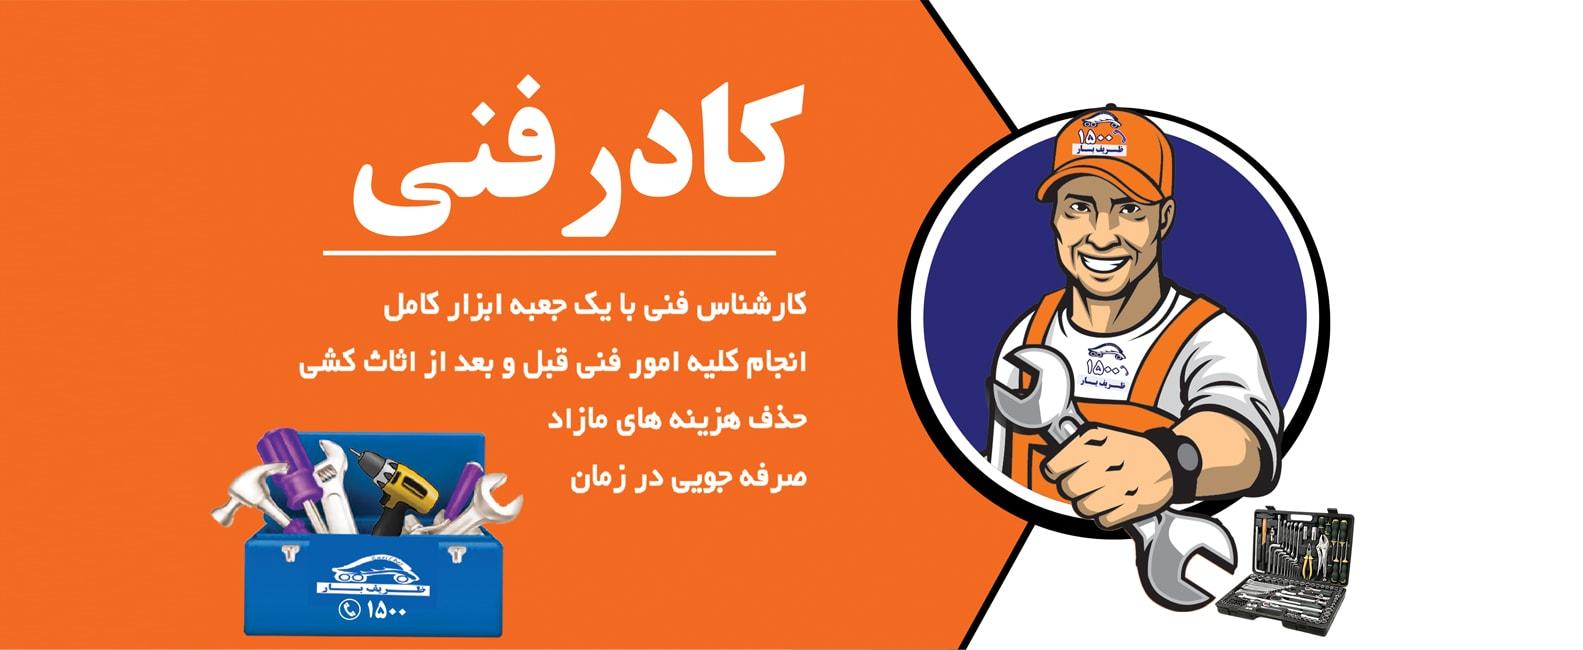 ظریف بار تهران